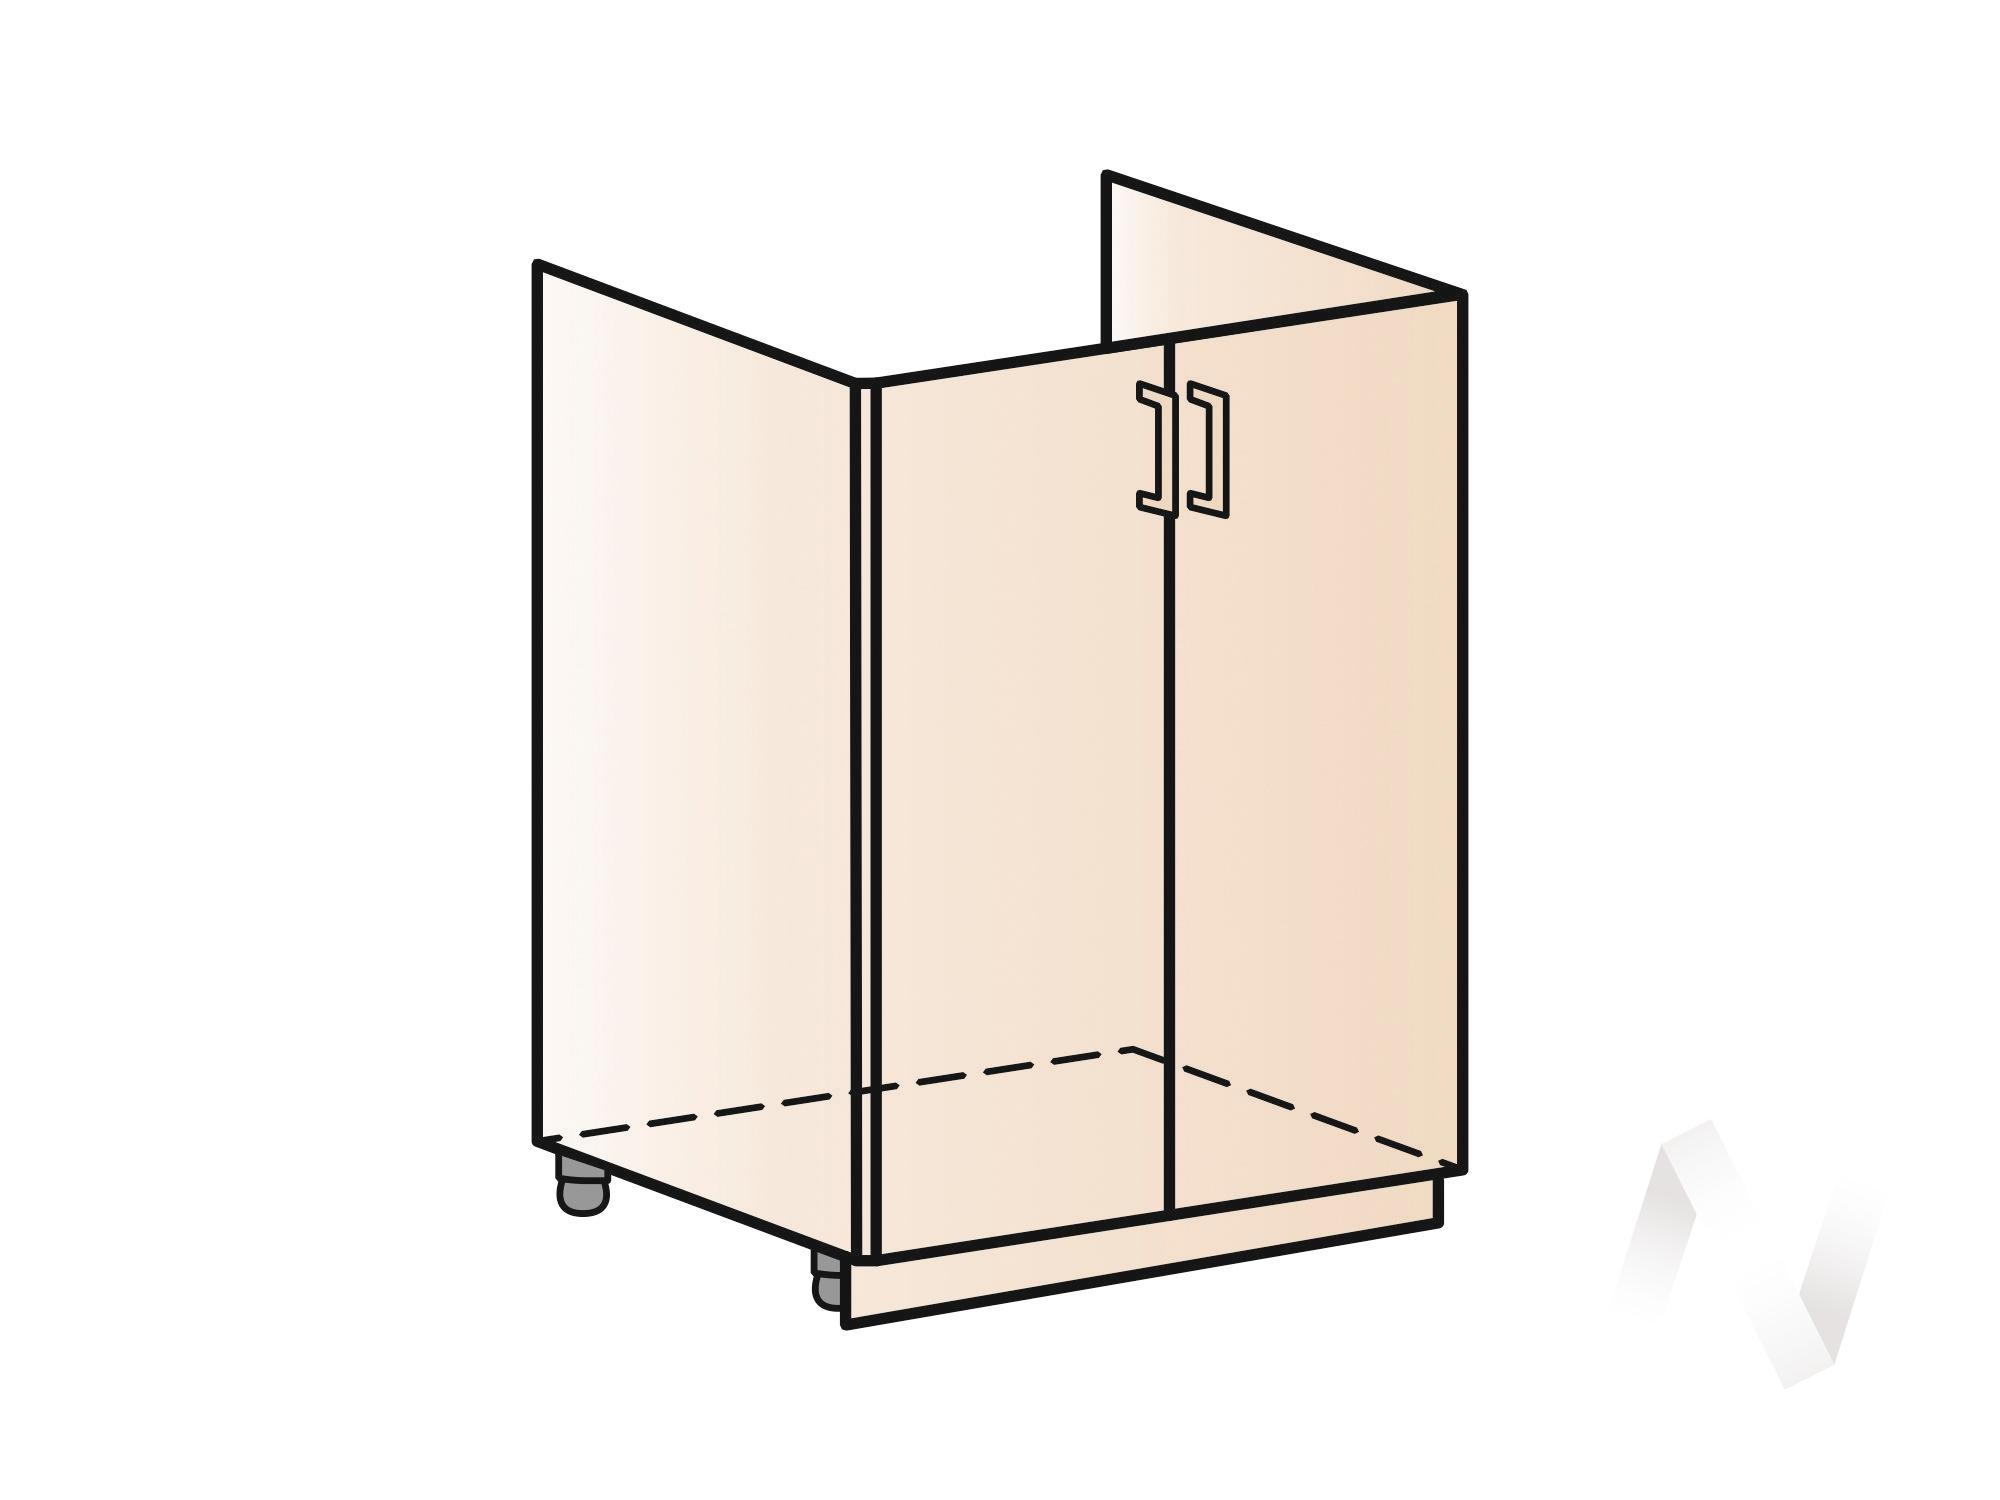 """Купить кухня """"вена"""": шкаф нижний под мойку 600, шнм 600 (корпус белый) в Новосибирске в интернет-магазине Мебель плюс Техника"""